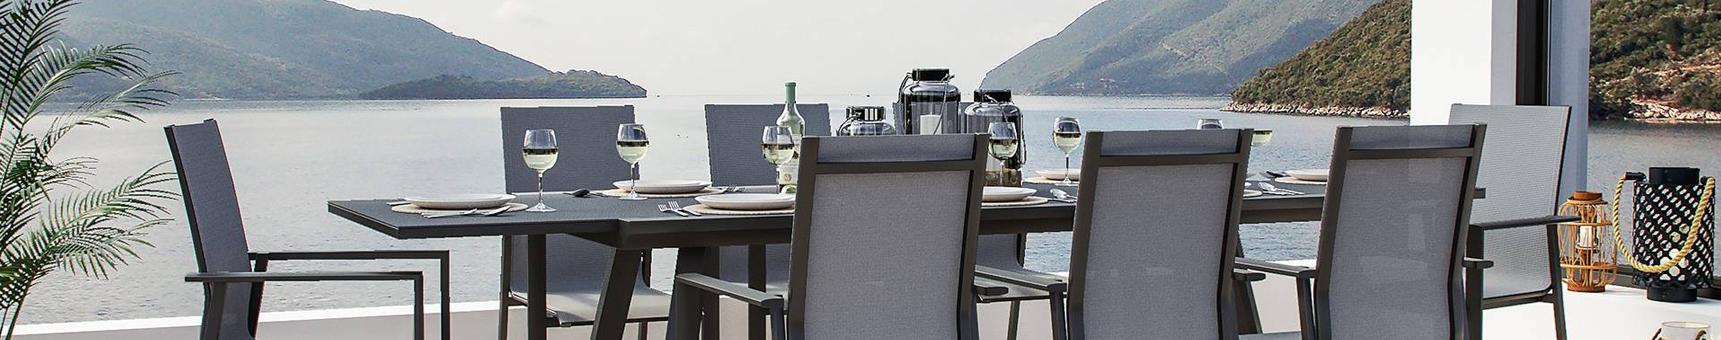 Comedores con mesas extensibles y sillas